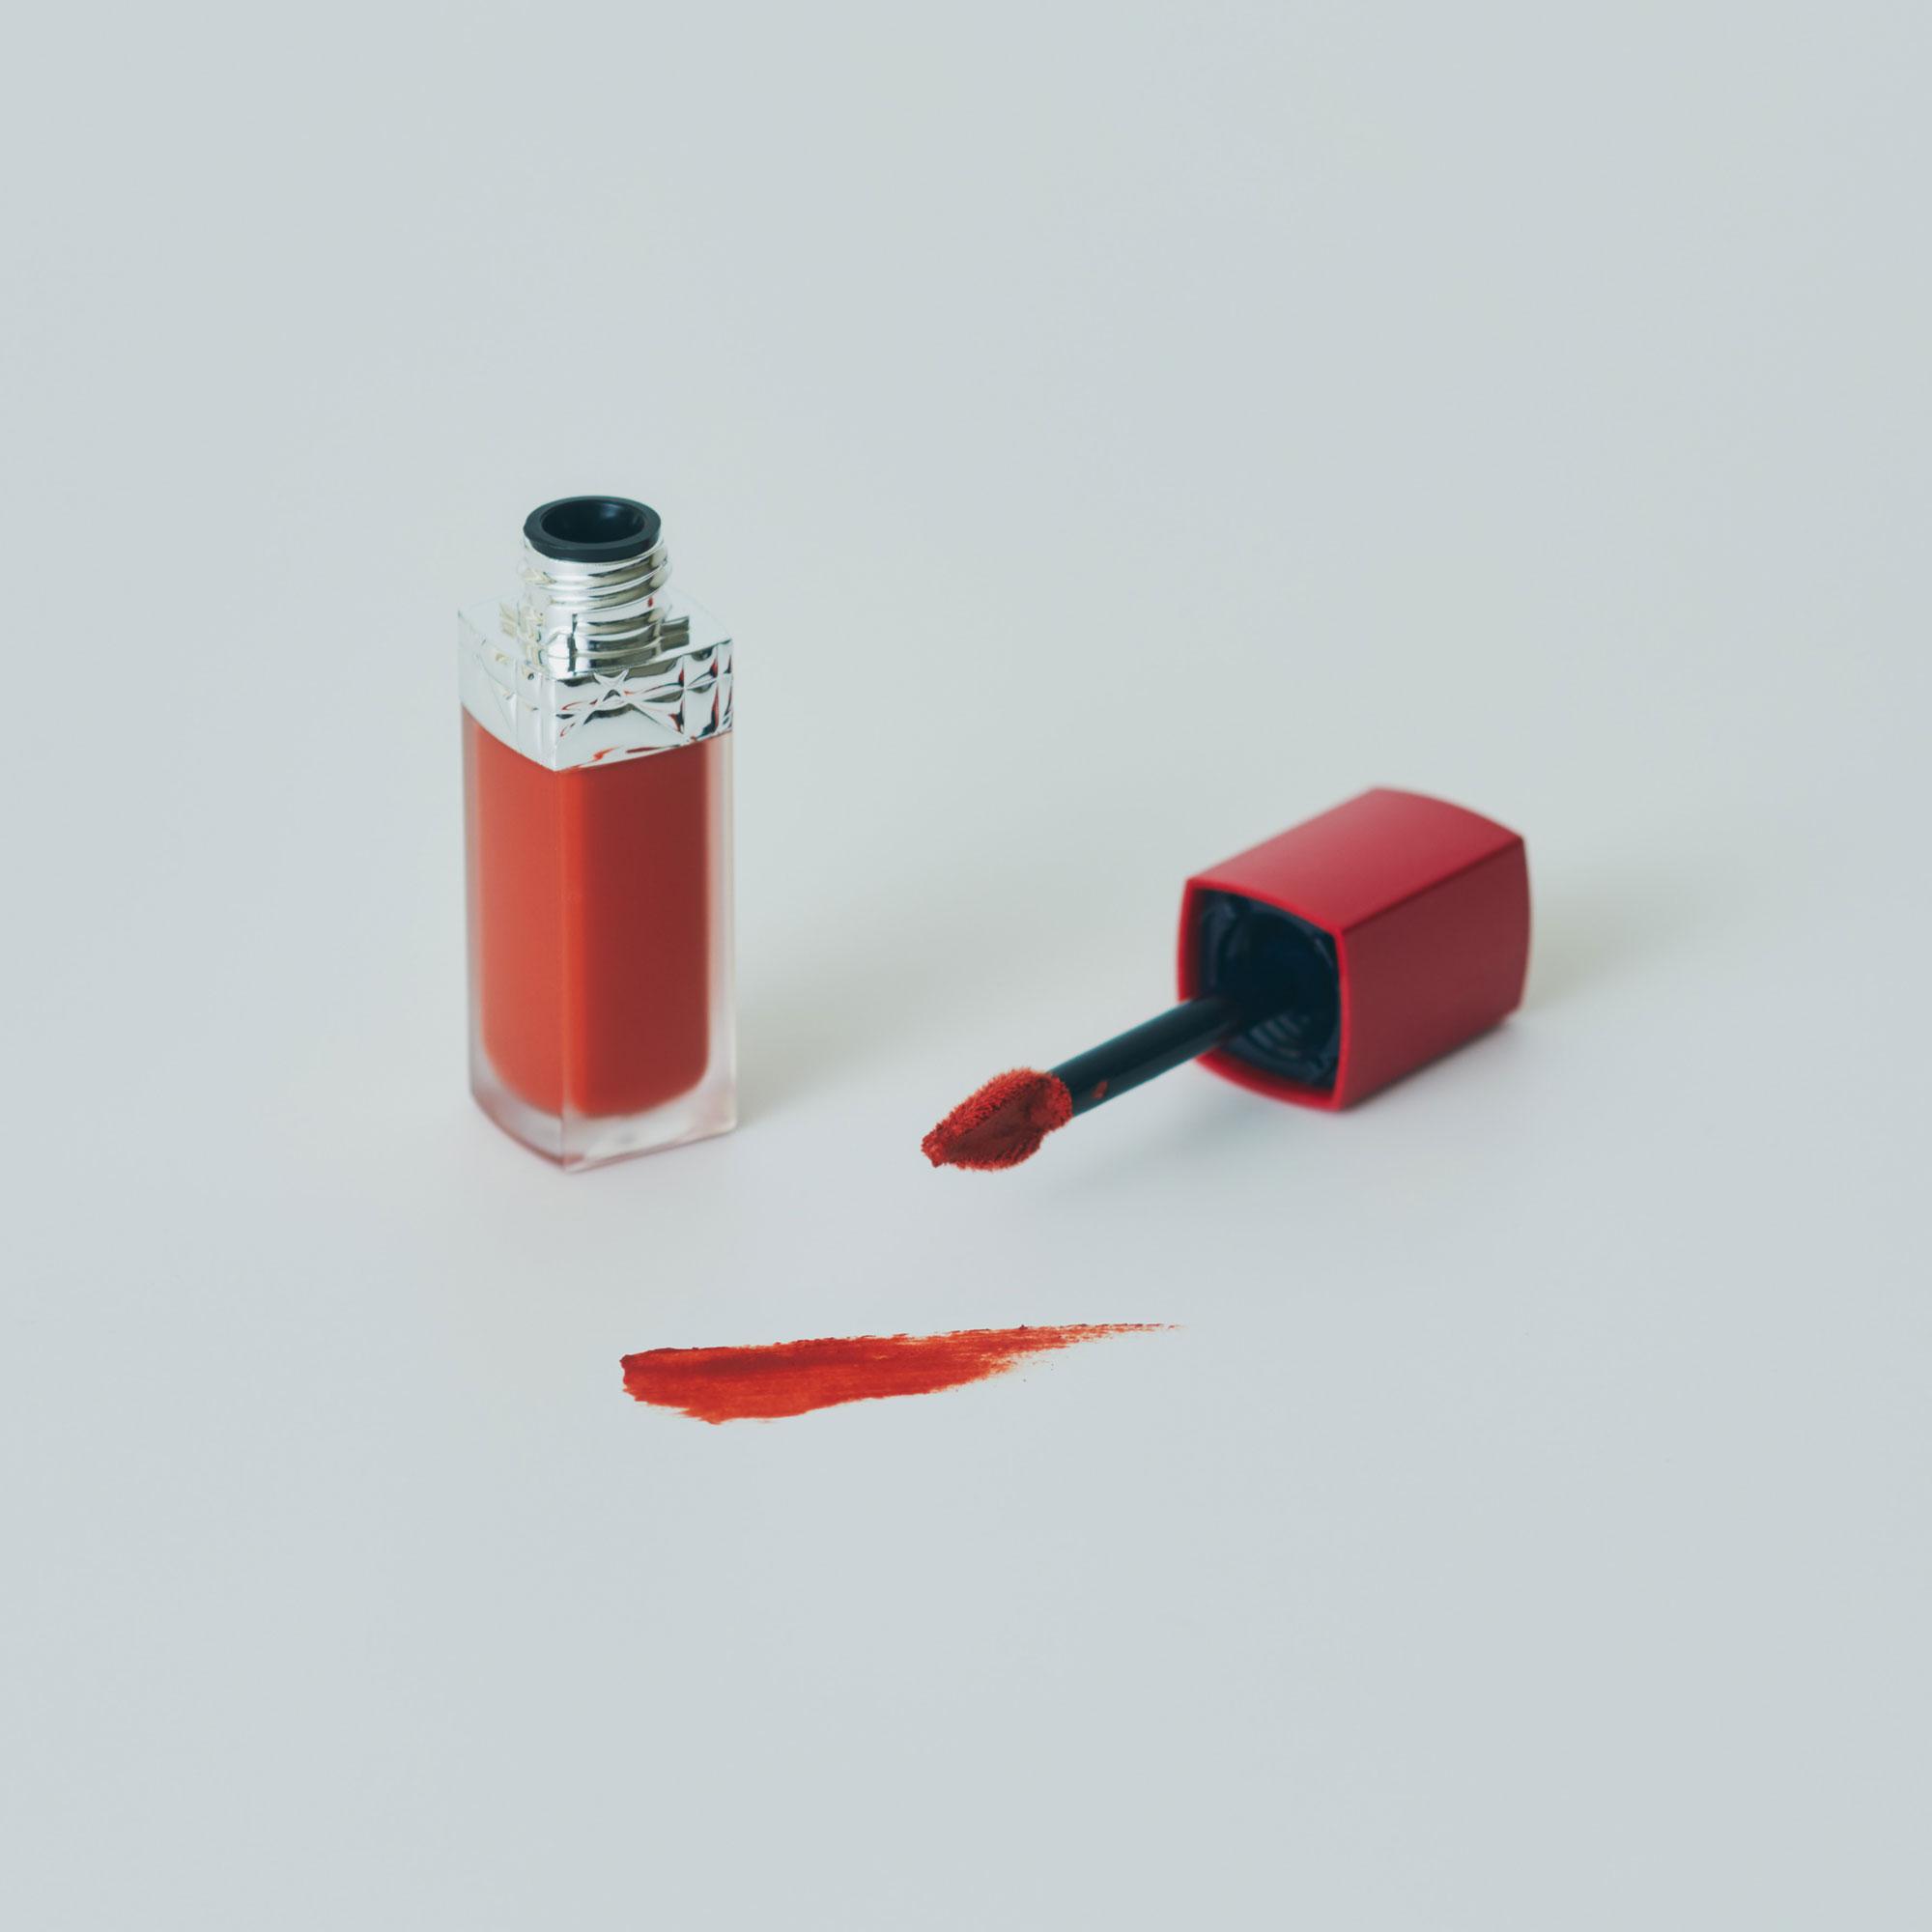 DIOR ルージュ ディオール ウルトラ リキッド 707 ¥4,200 (8月23日発売)